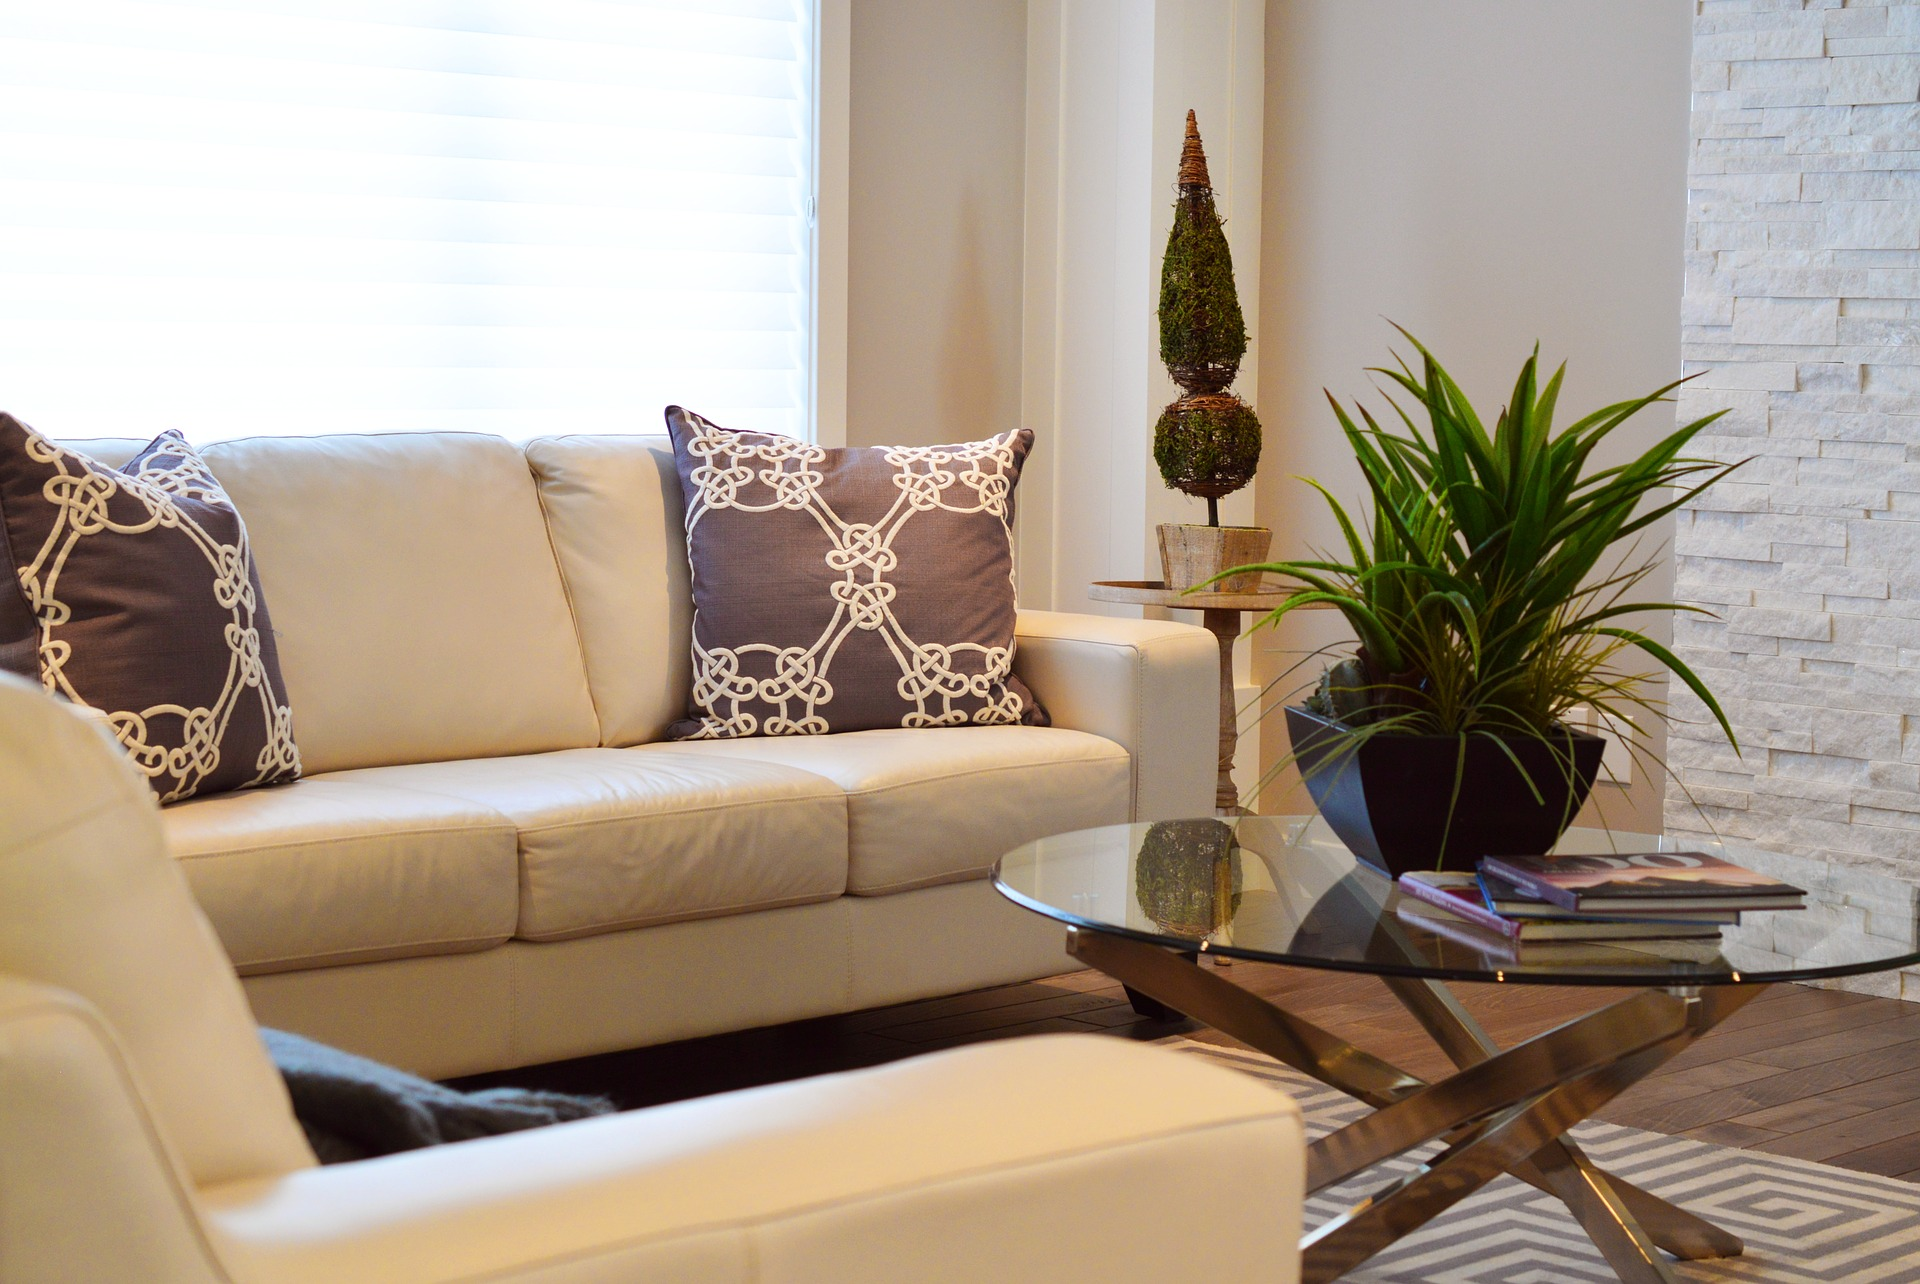 結婚を意識し始めた時の風水(4)家具選びのポイント2つ!